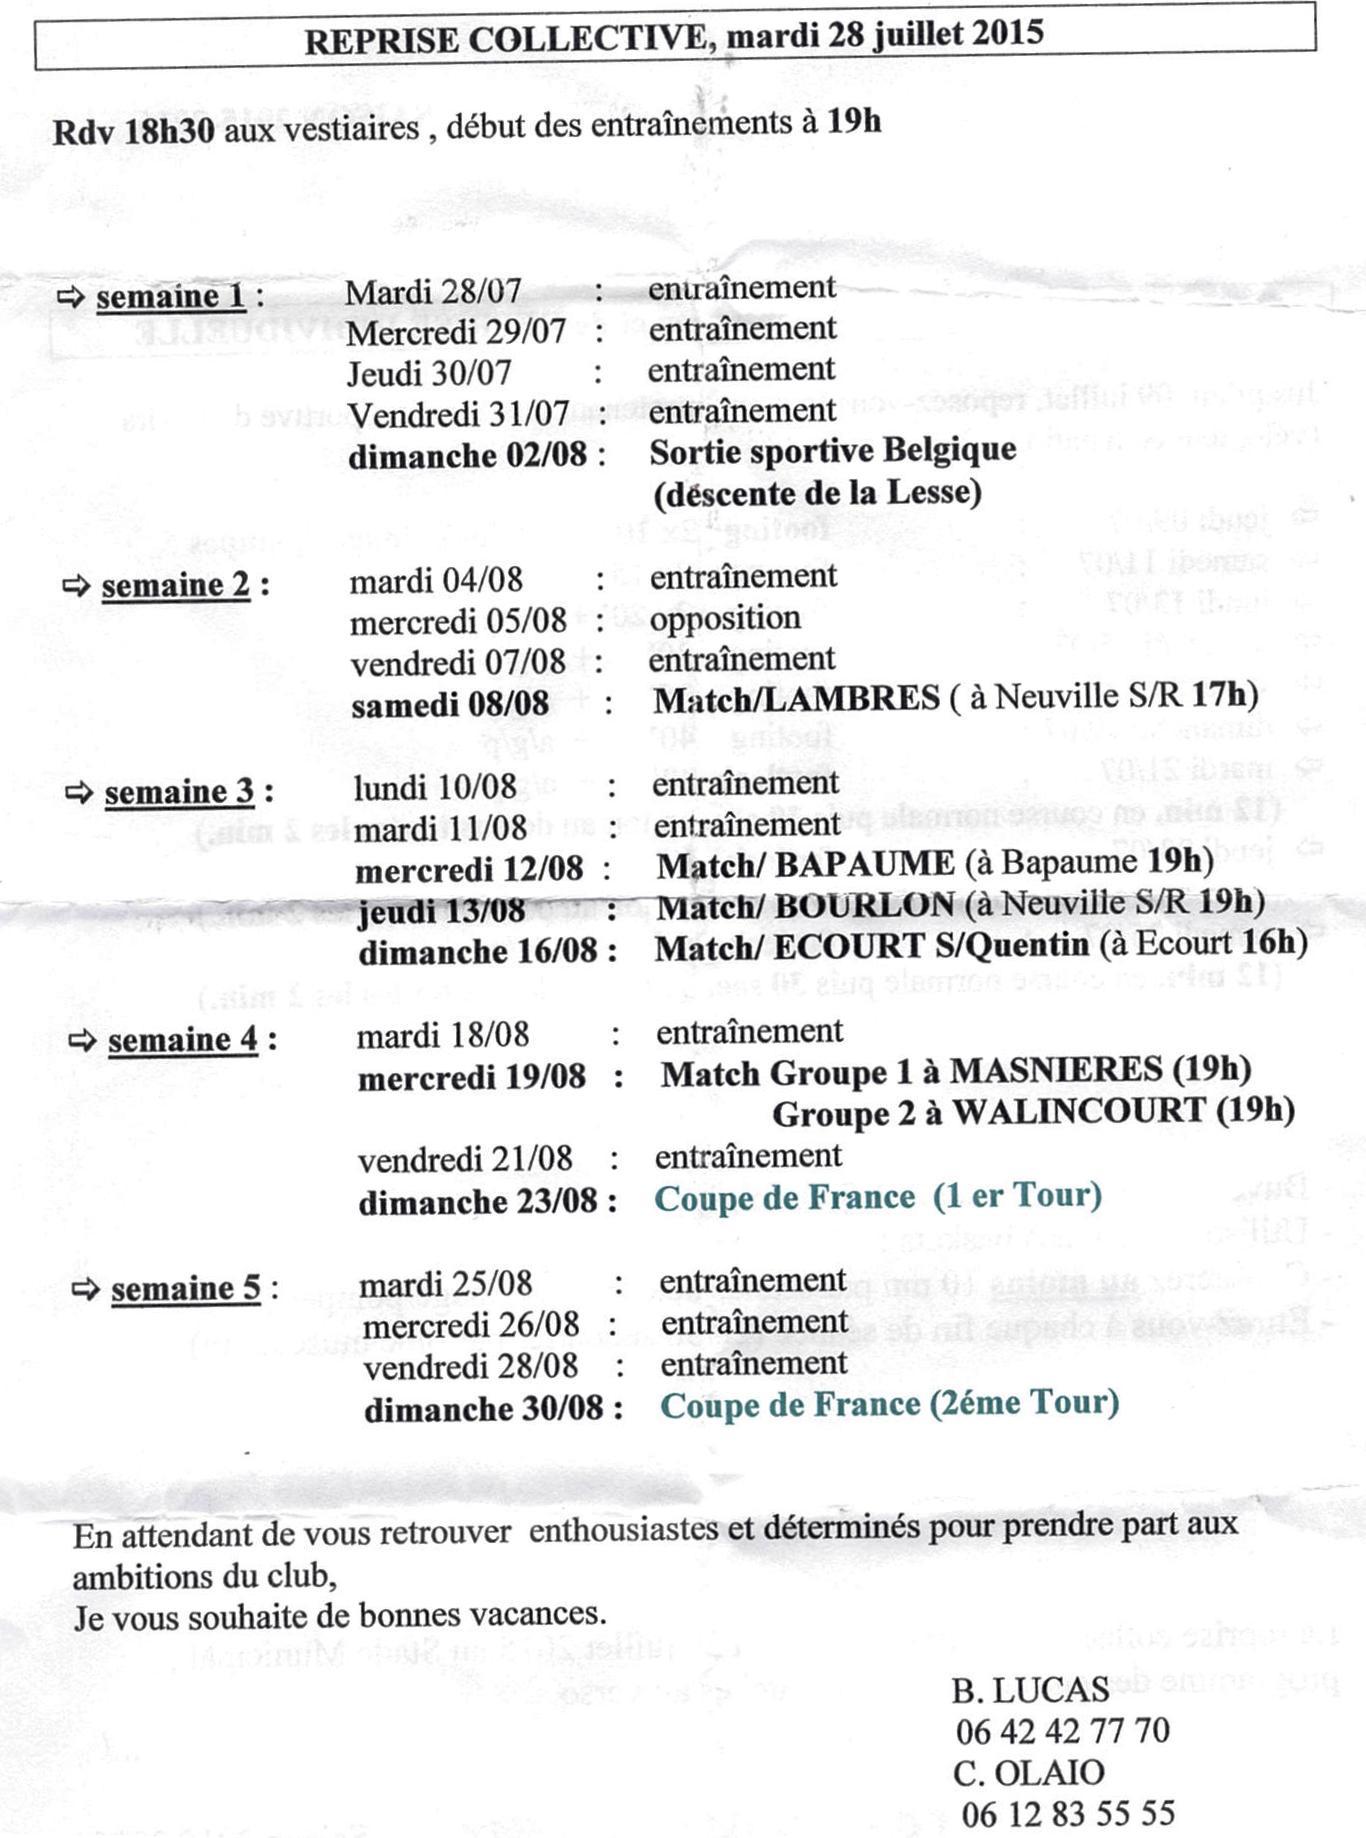 Seances entrainements SENIORS A et B